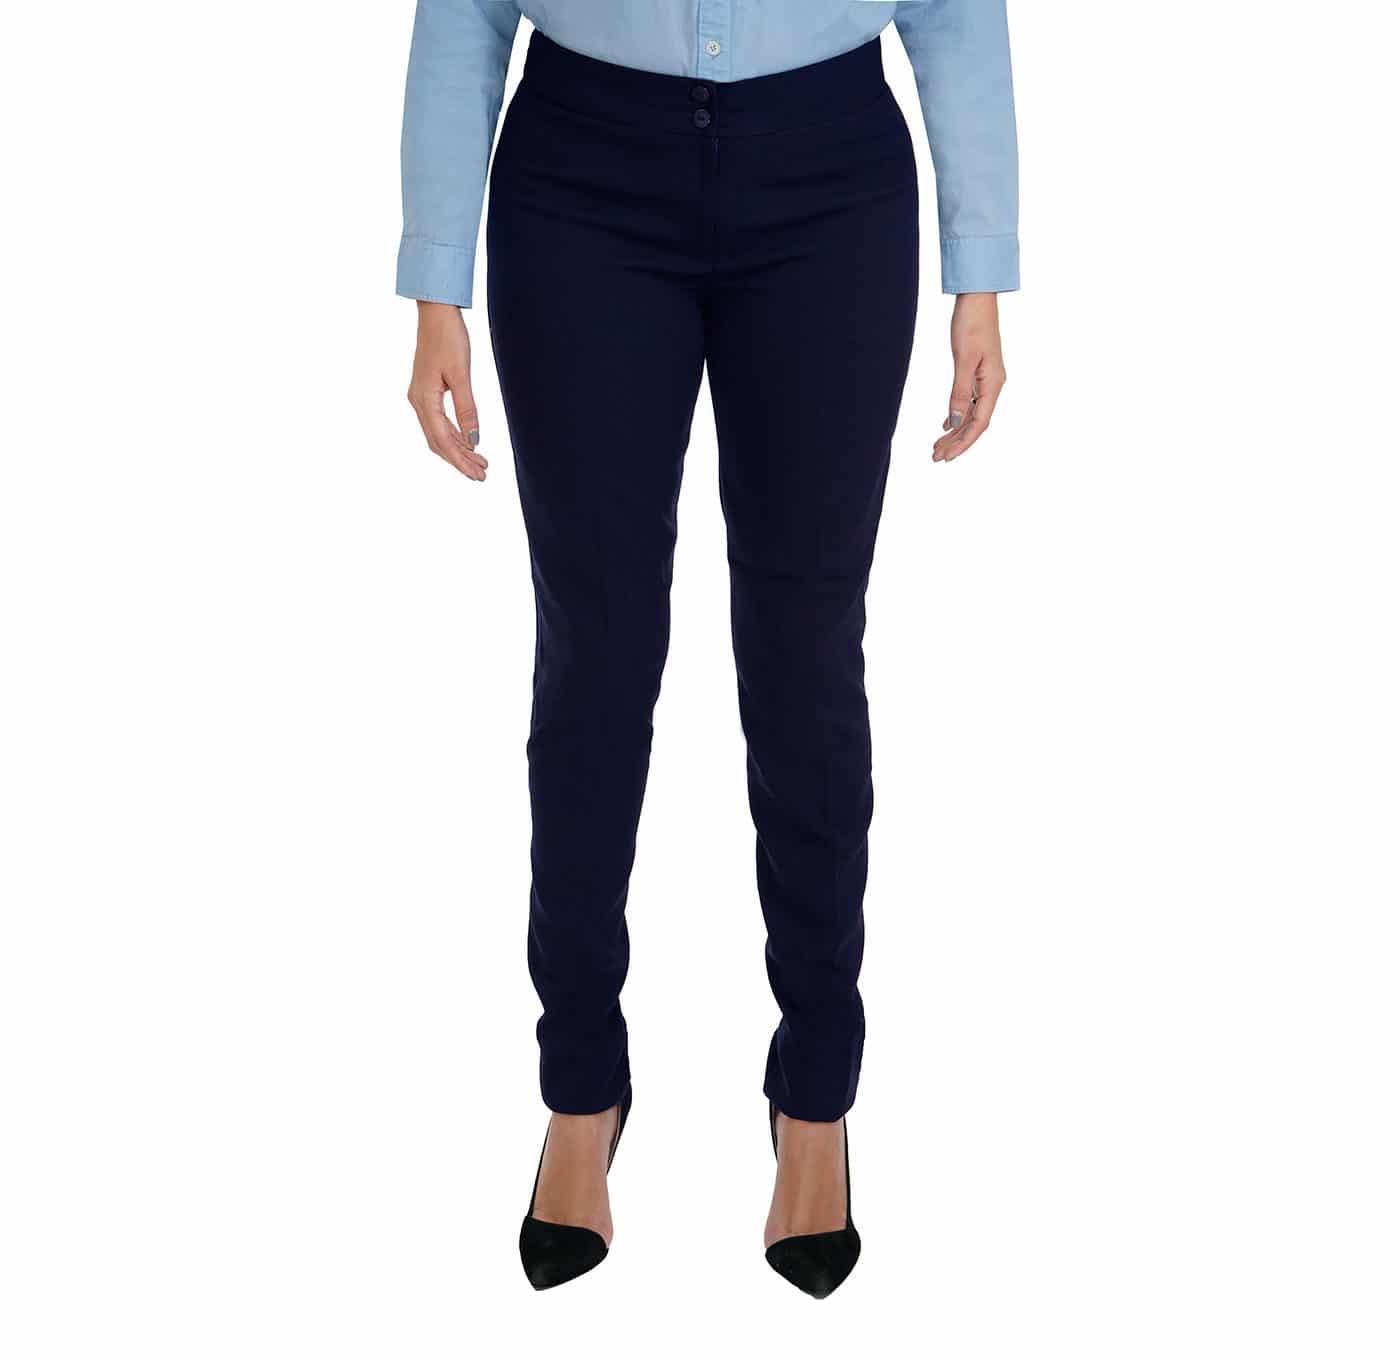 Pantalon Lino Stretch Dama Uniformes Ejecutivos Para Dama Uniformes Para Oficina